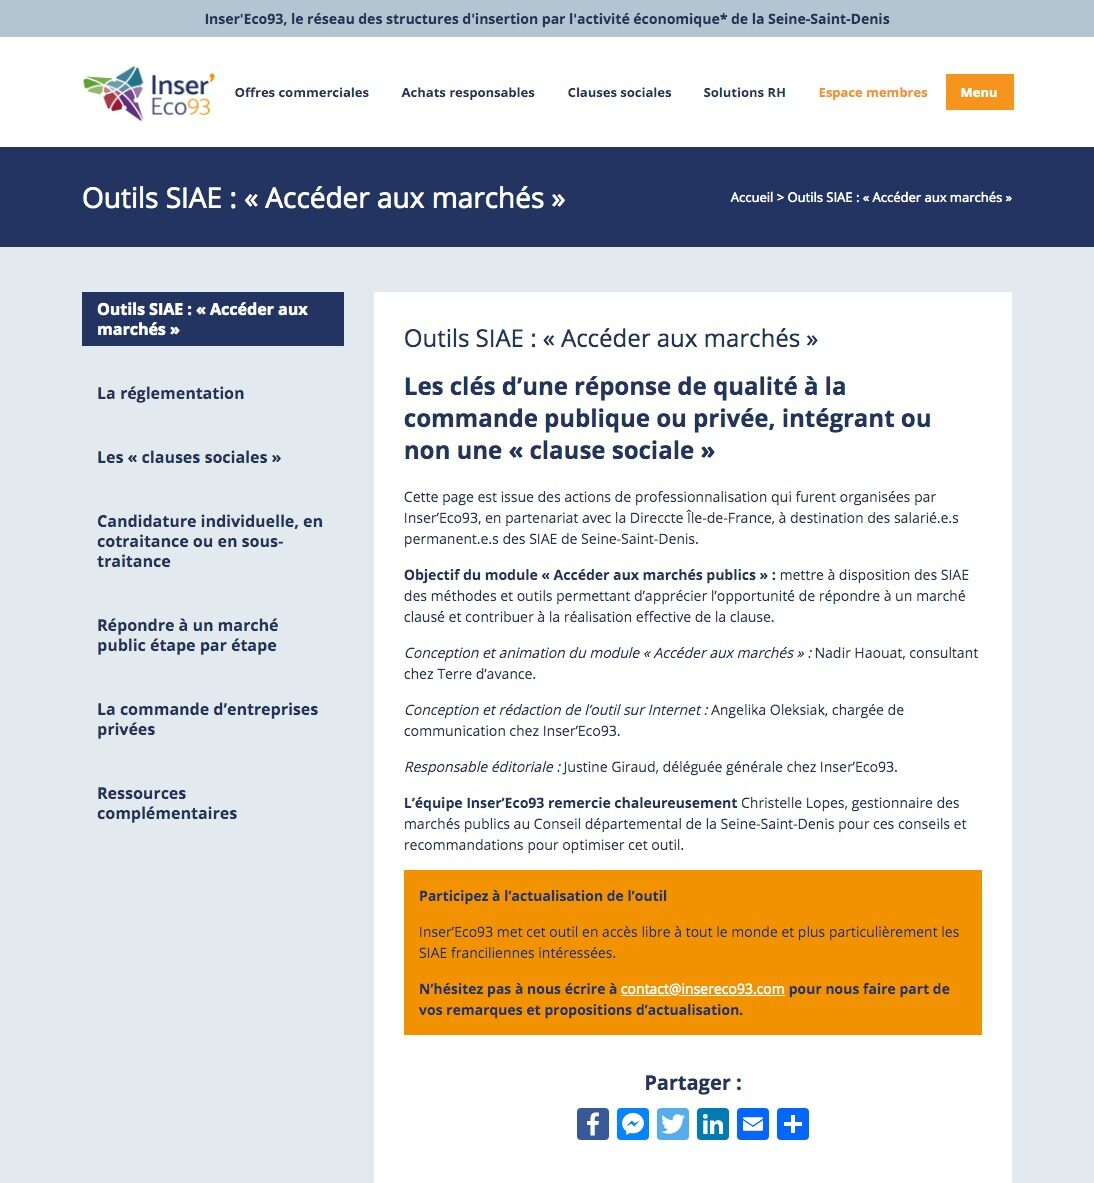 Inser'Eco93 publie son premier outil pratique destiné aux SIAE «Les clés d'une réponse de qualité à la commande publique ou privée, intégrant ou non une clause sociale»